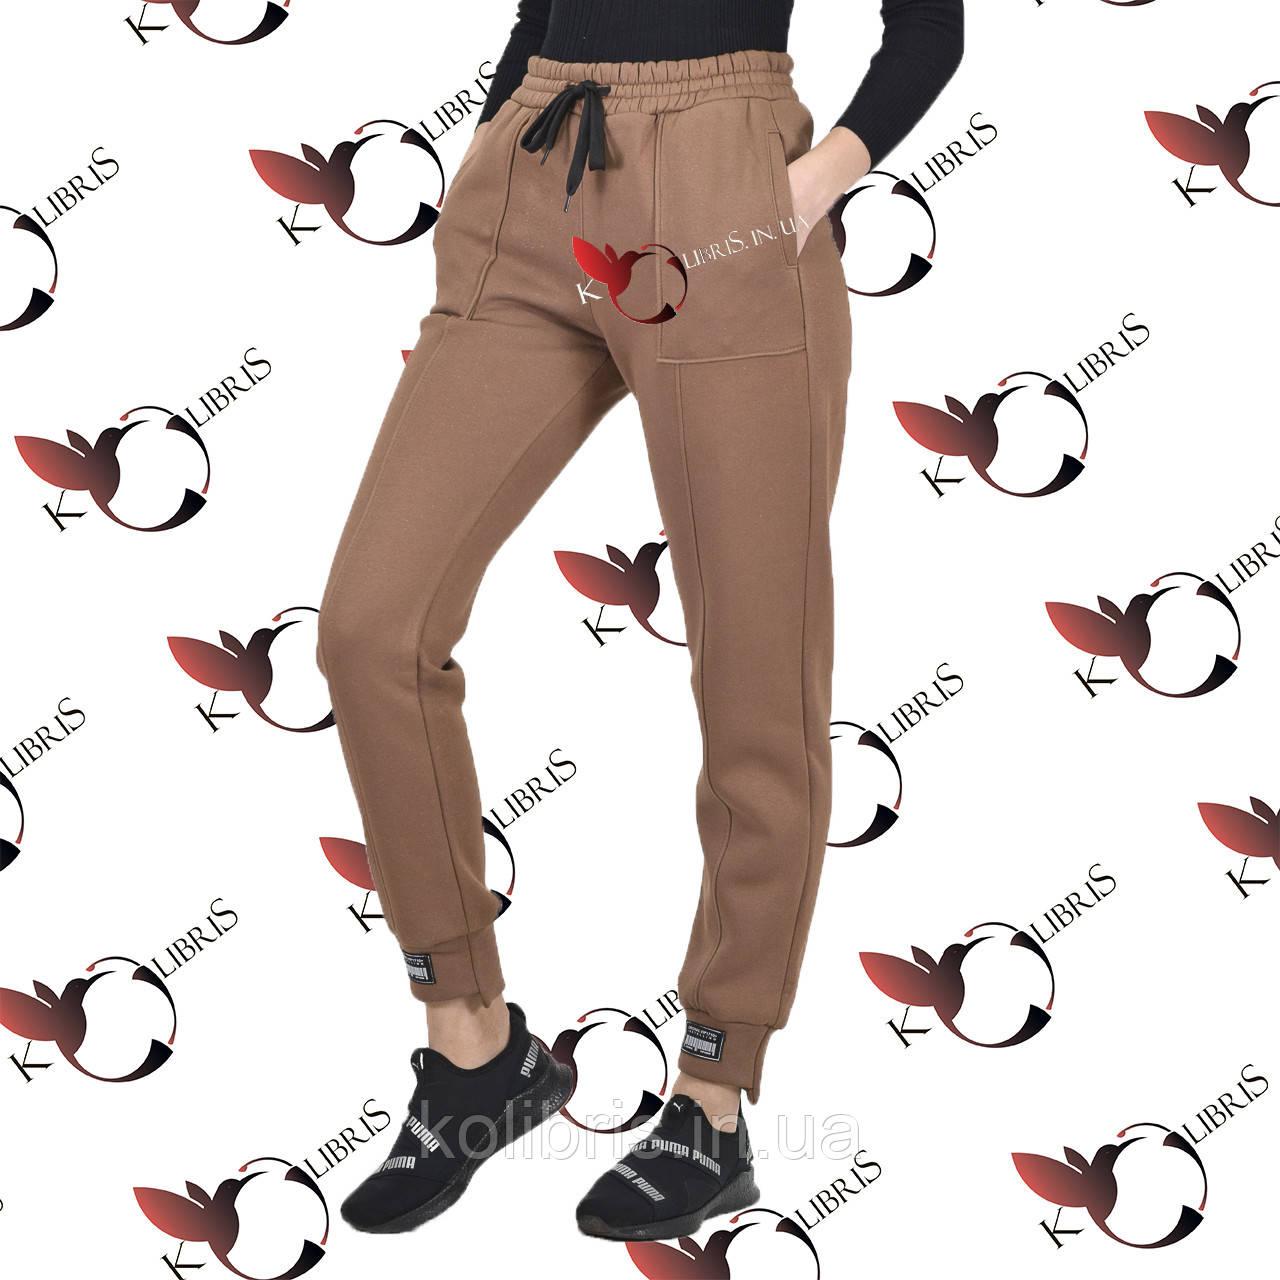 Женские спортивные штанишки на ассиметричном манжете трехнитка с начесом цвет мокко